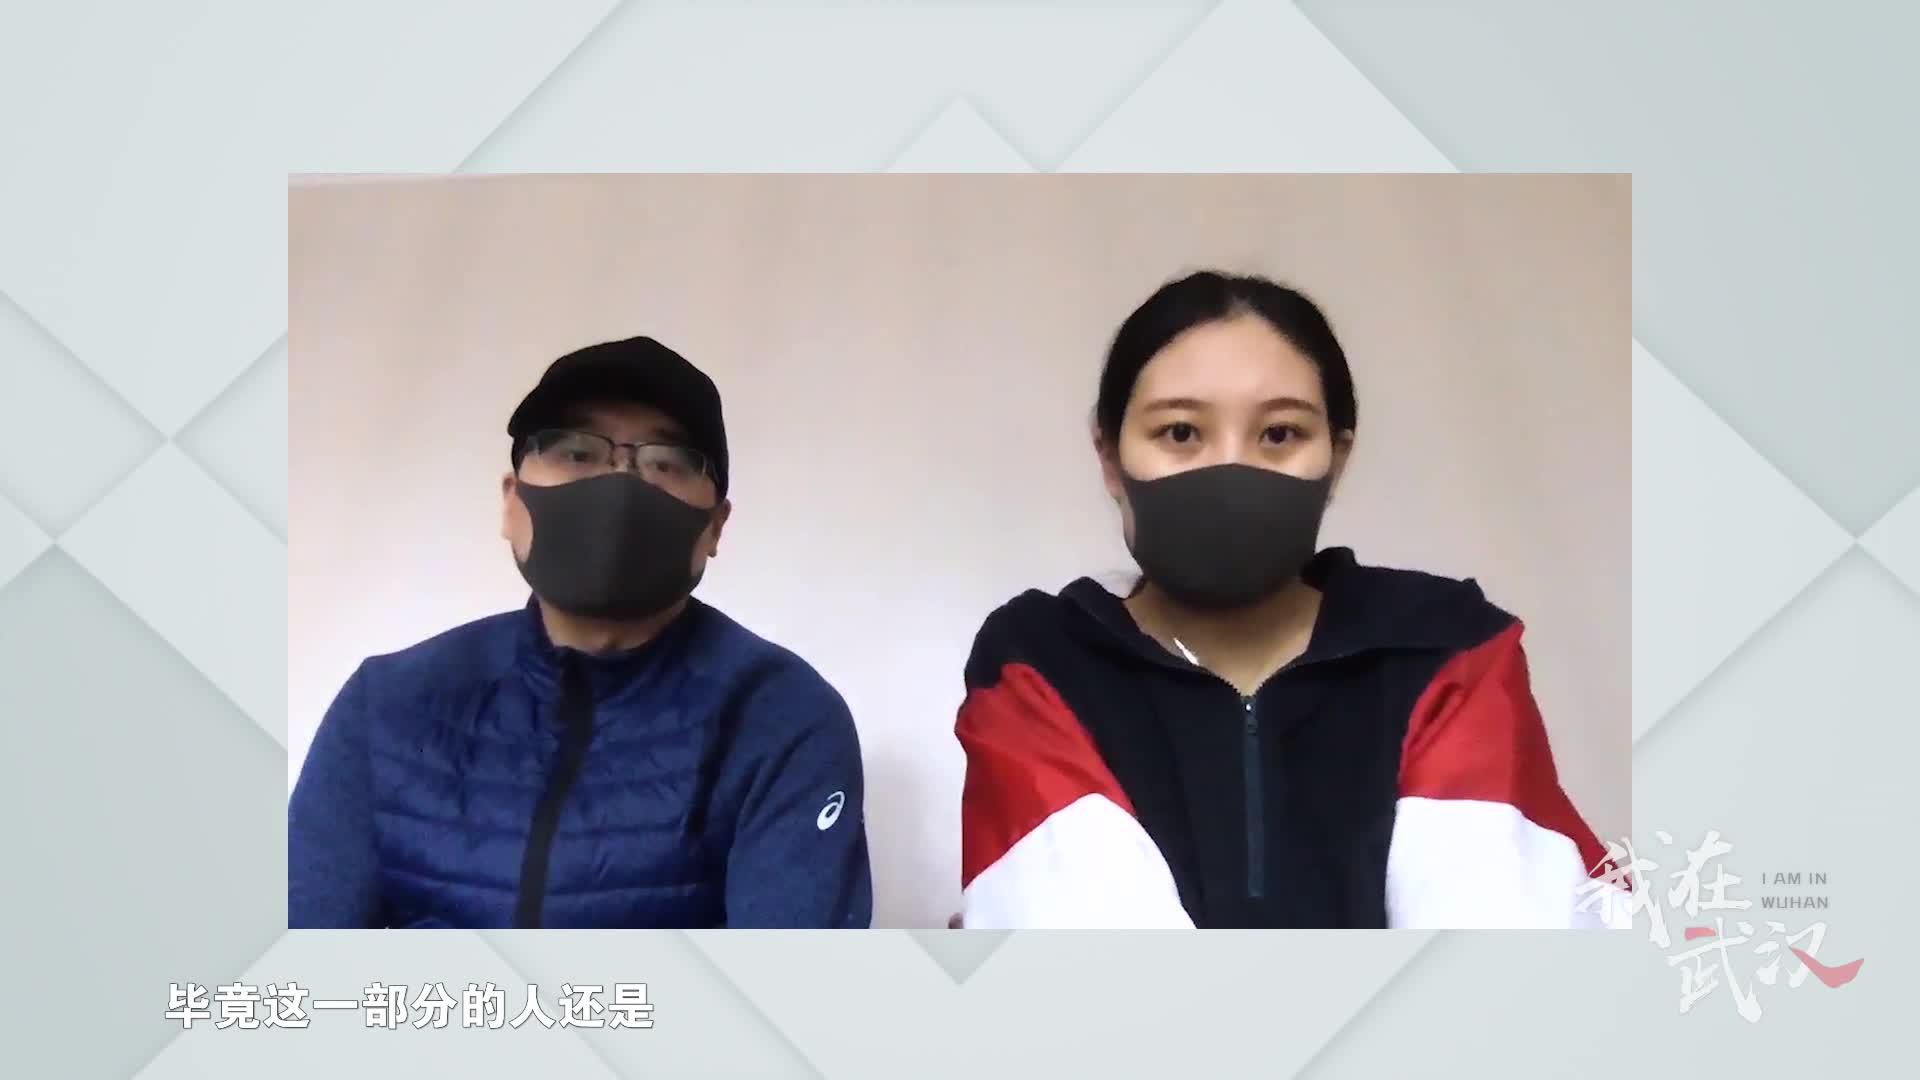 《封面》|武汉孕妇:现在京东淘宝都不送湖北,希望能考虑特殊人群需要